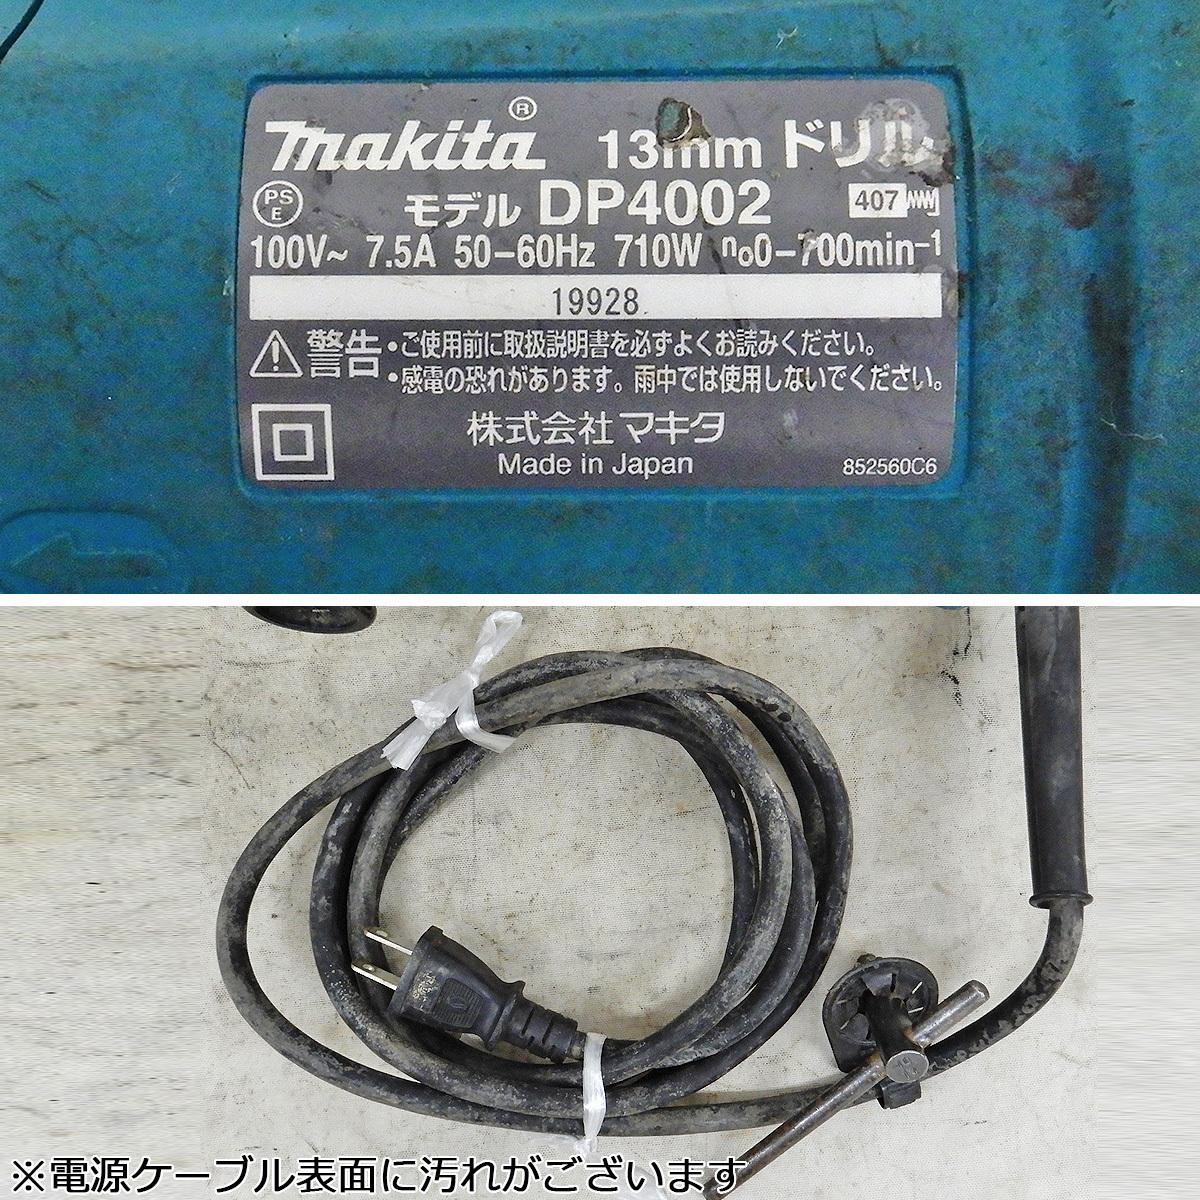 FR78 [送料無料/難あり] makita マキタ 10mm振動ドリル HP1030 / 13mmドリル DP4002 / 13mm四段変速ドリル 6300-4 計3点セット_画像6